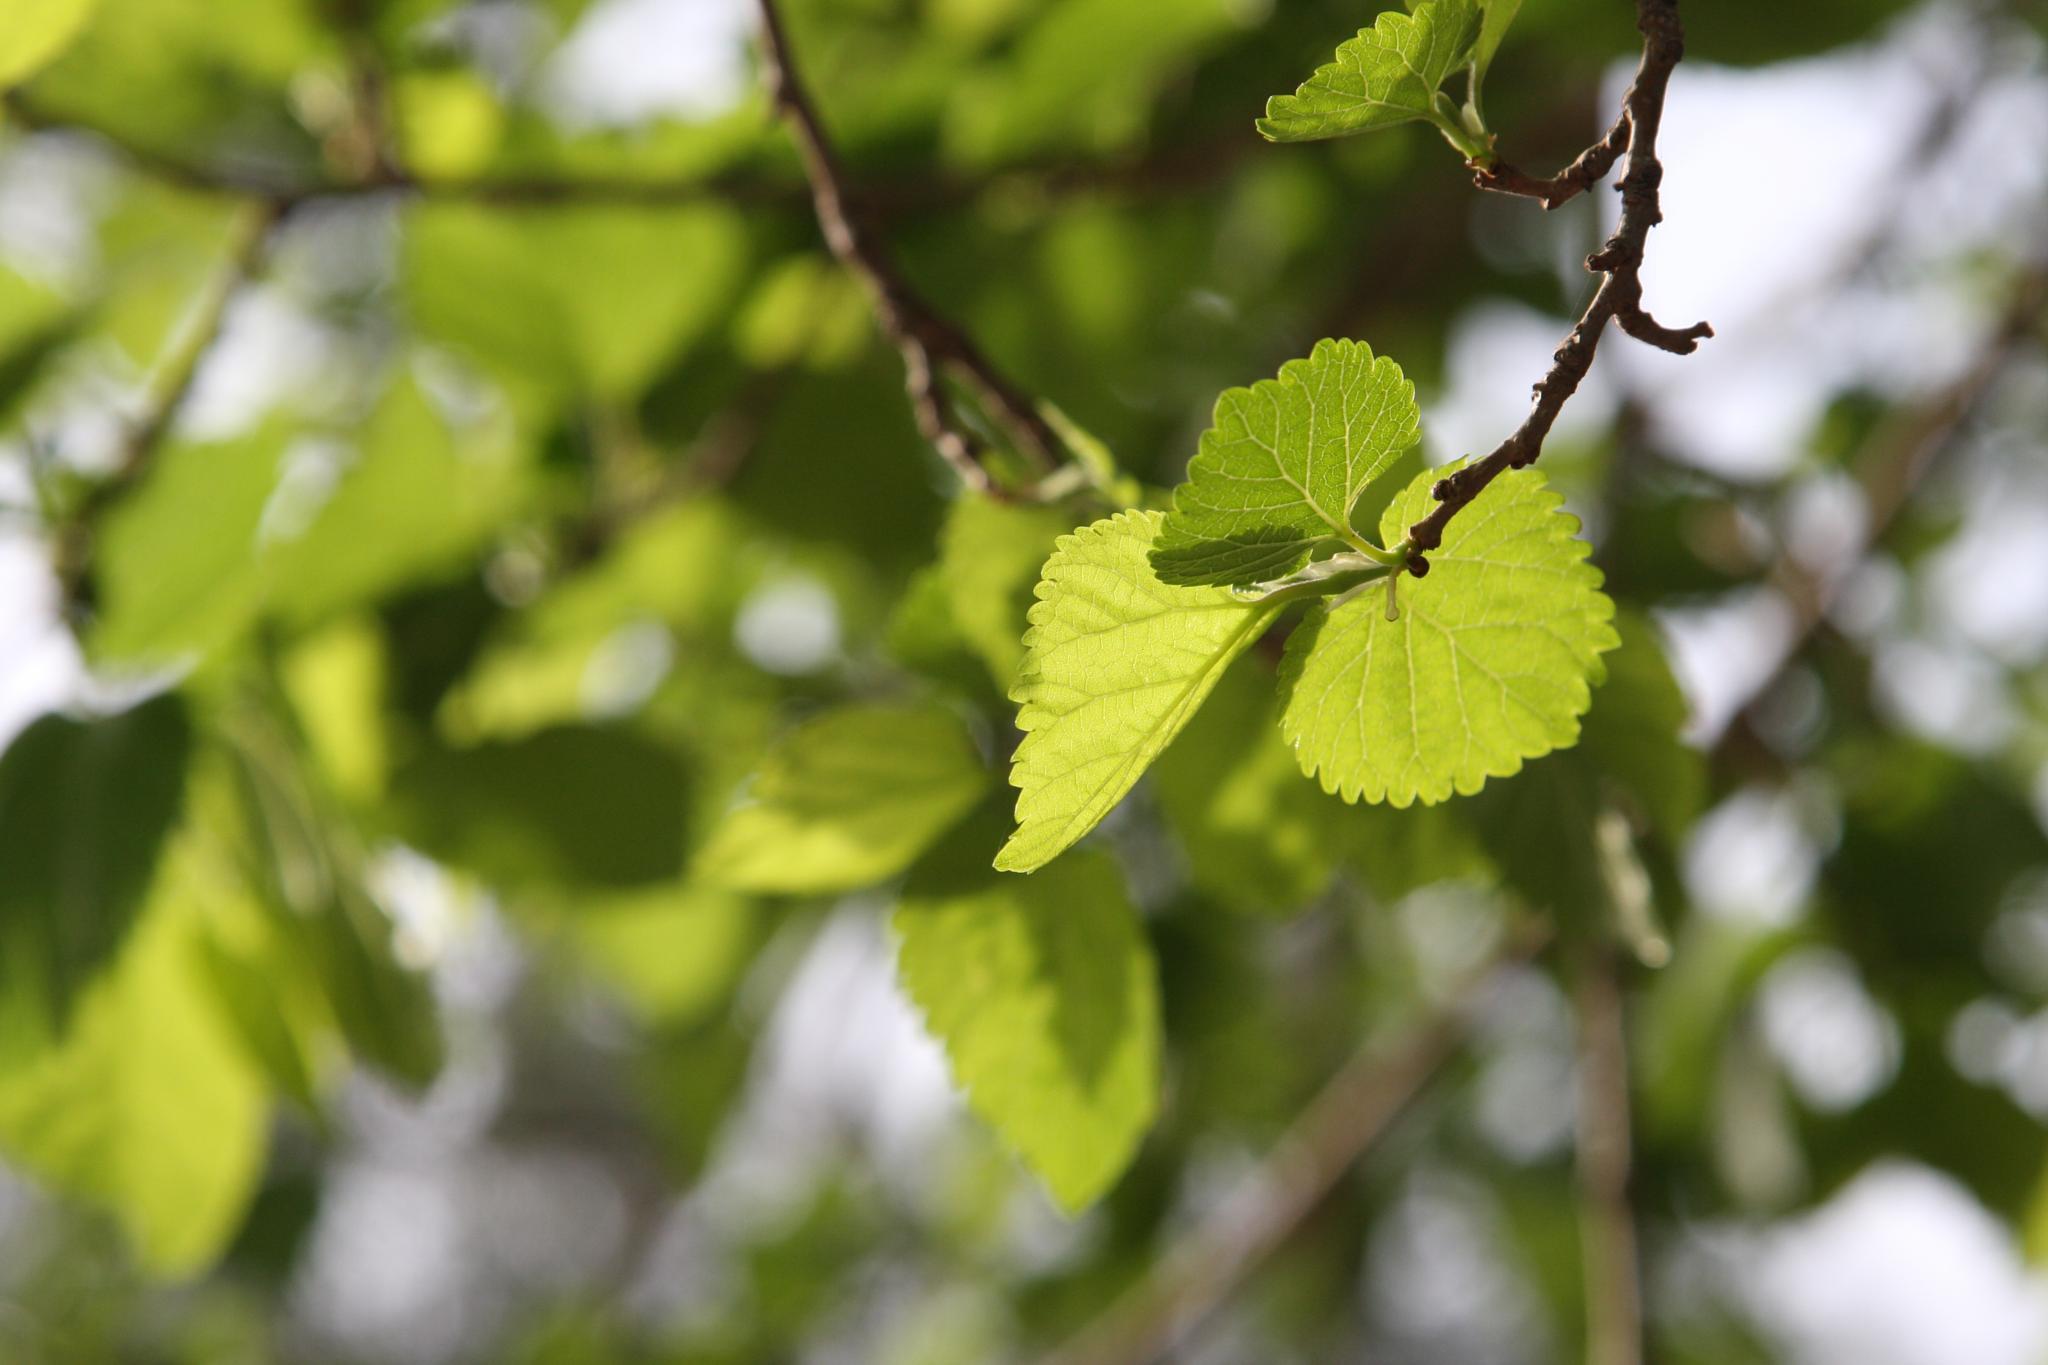 Three leafs by khatat